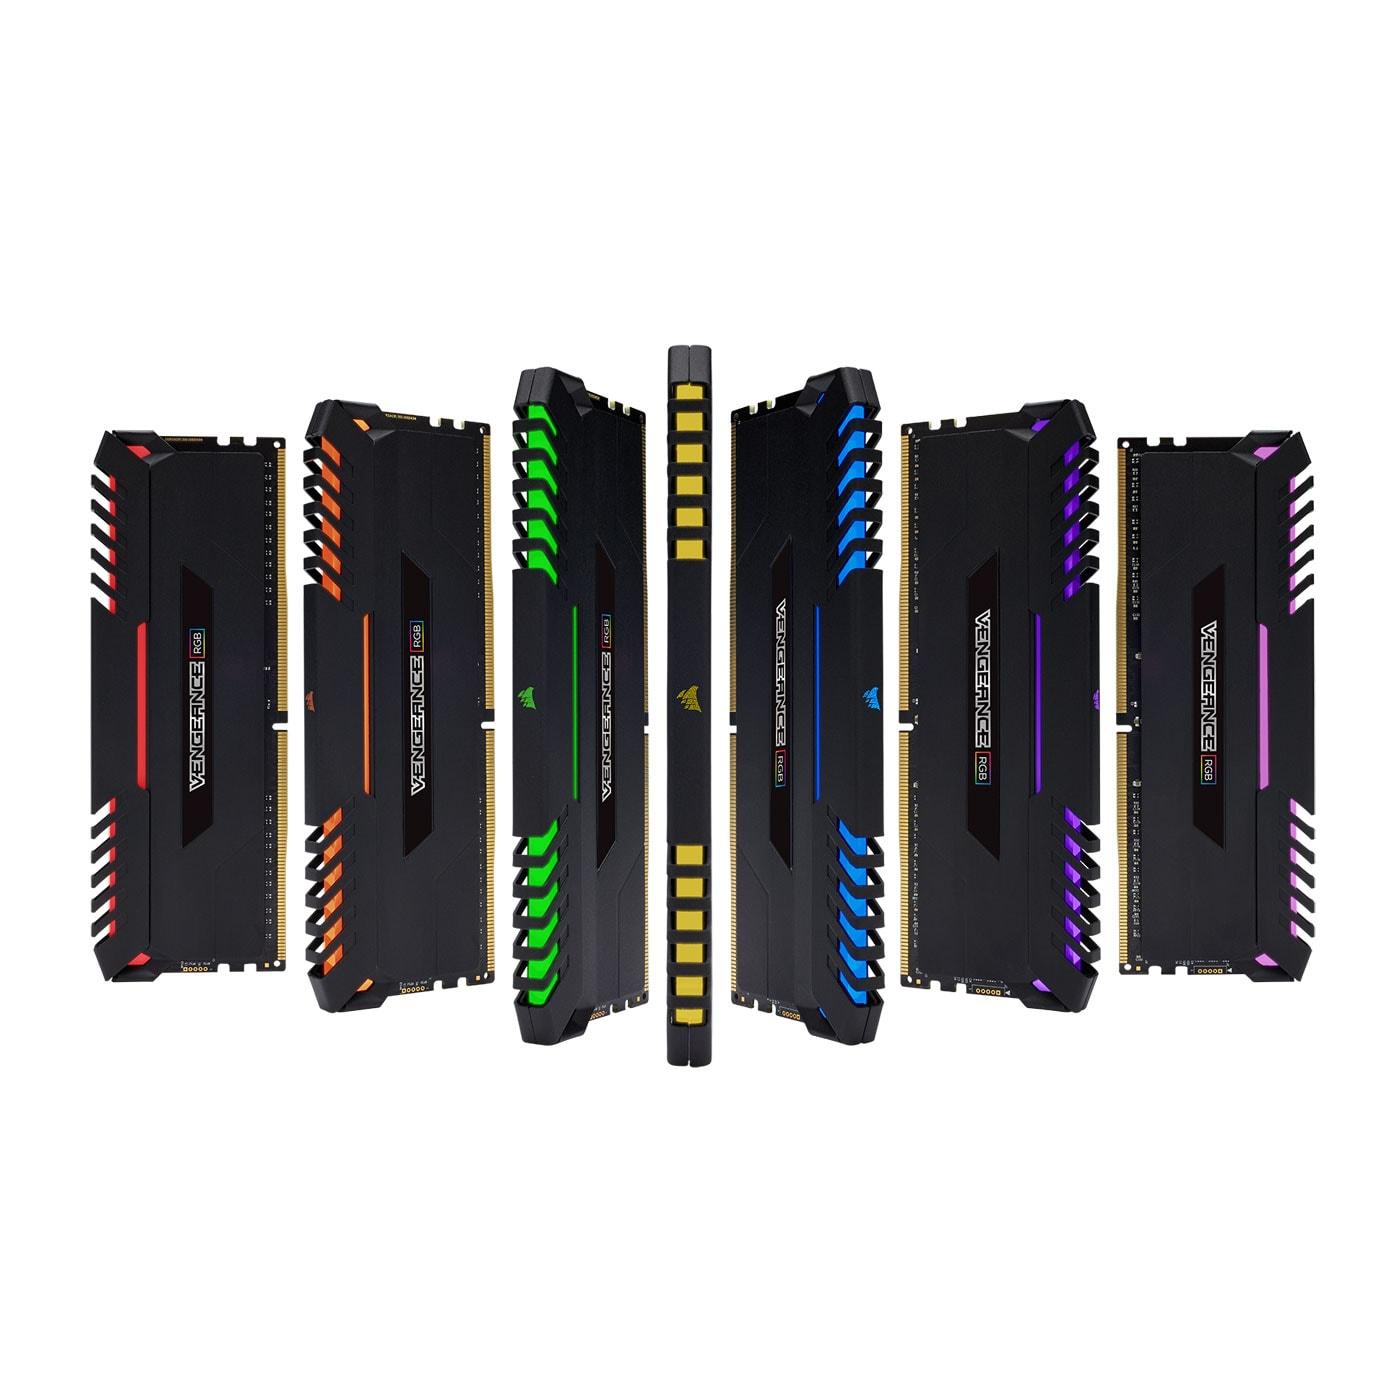 Corsair CMR16GX4M2C3466C16 RGB  16Go DDR4 3466MHz - Mémoire PC - 1